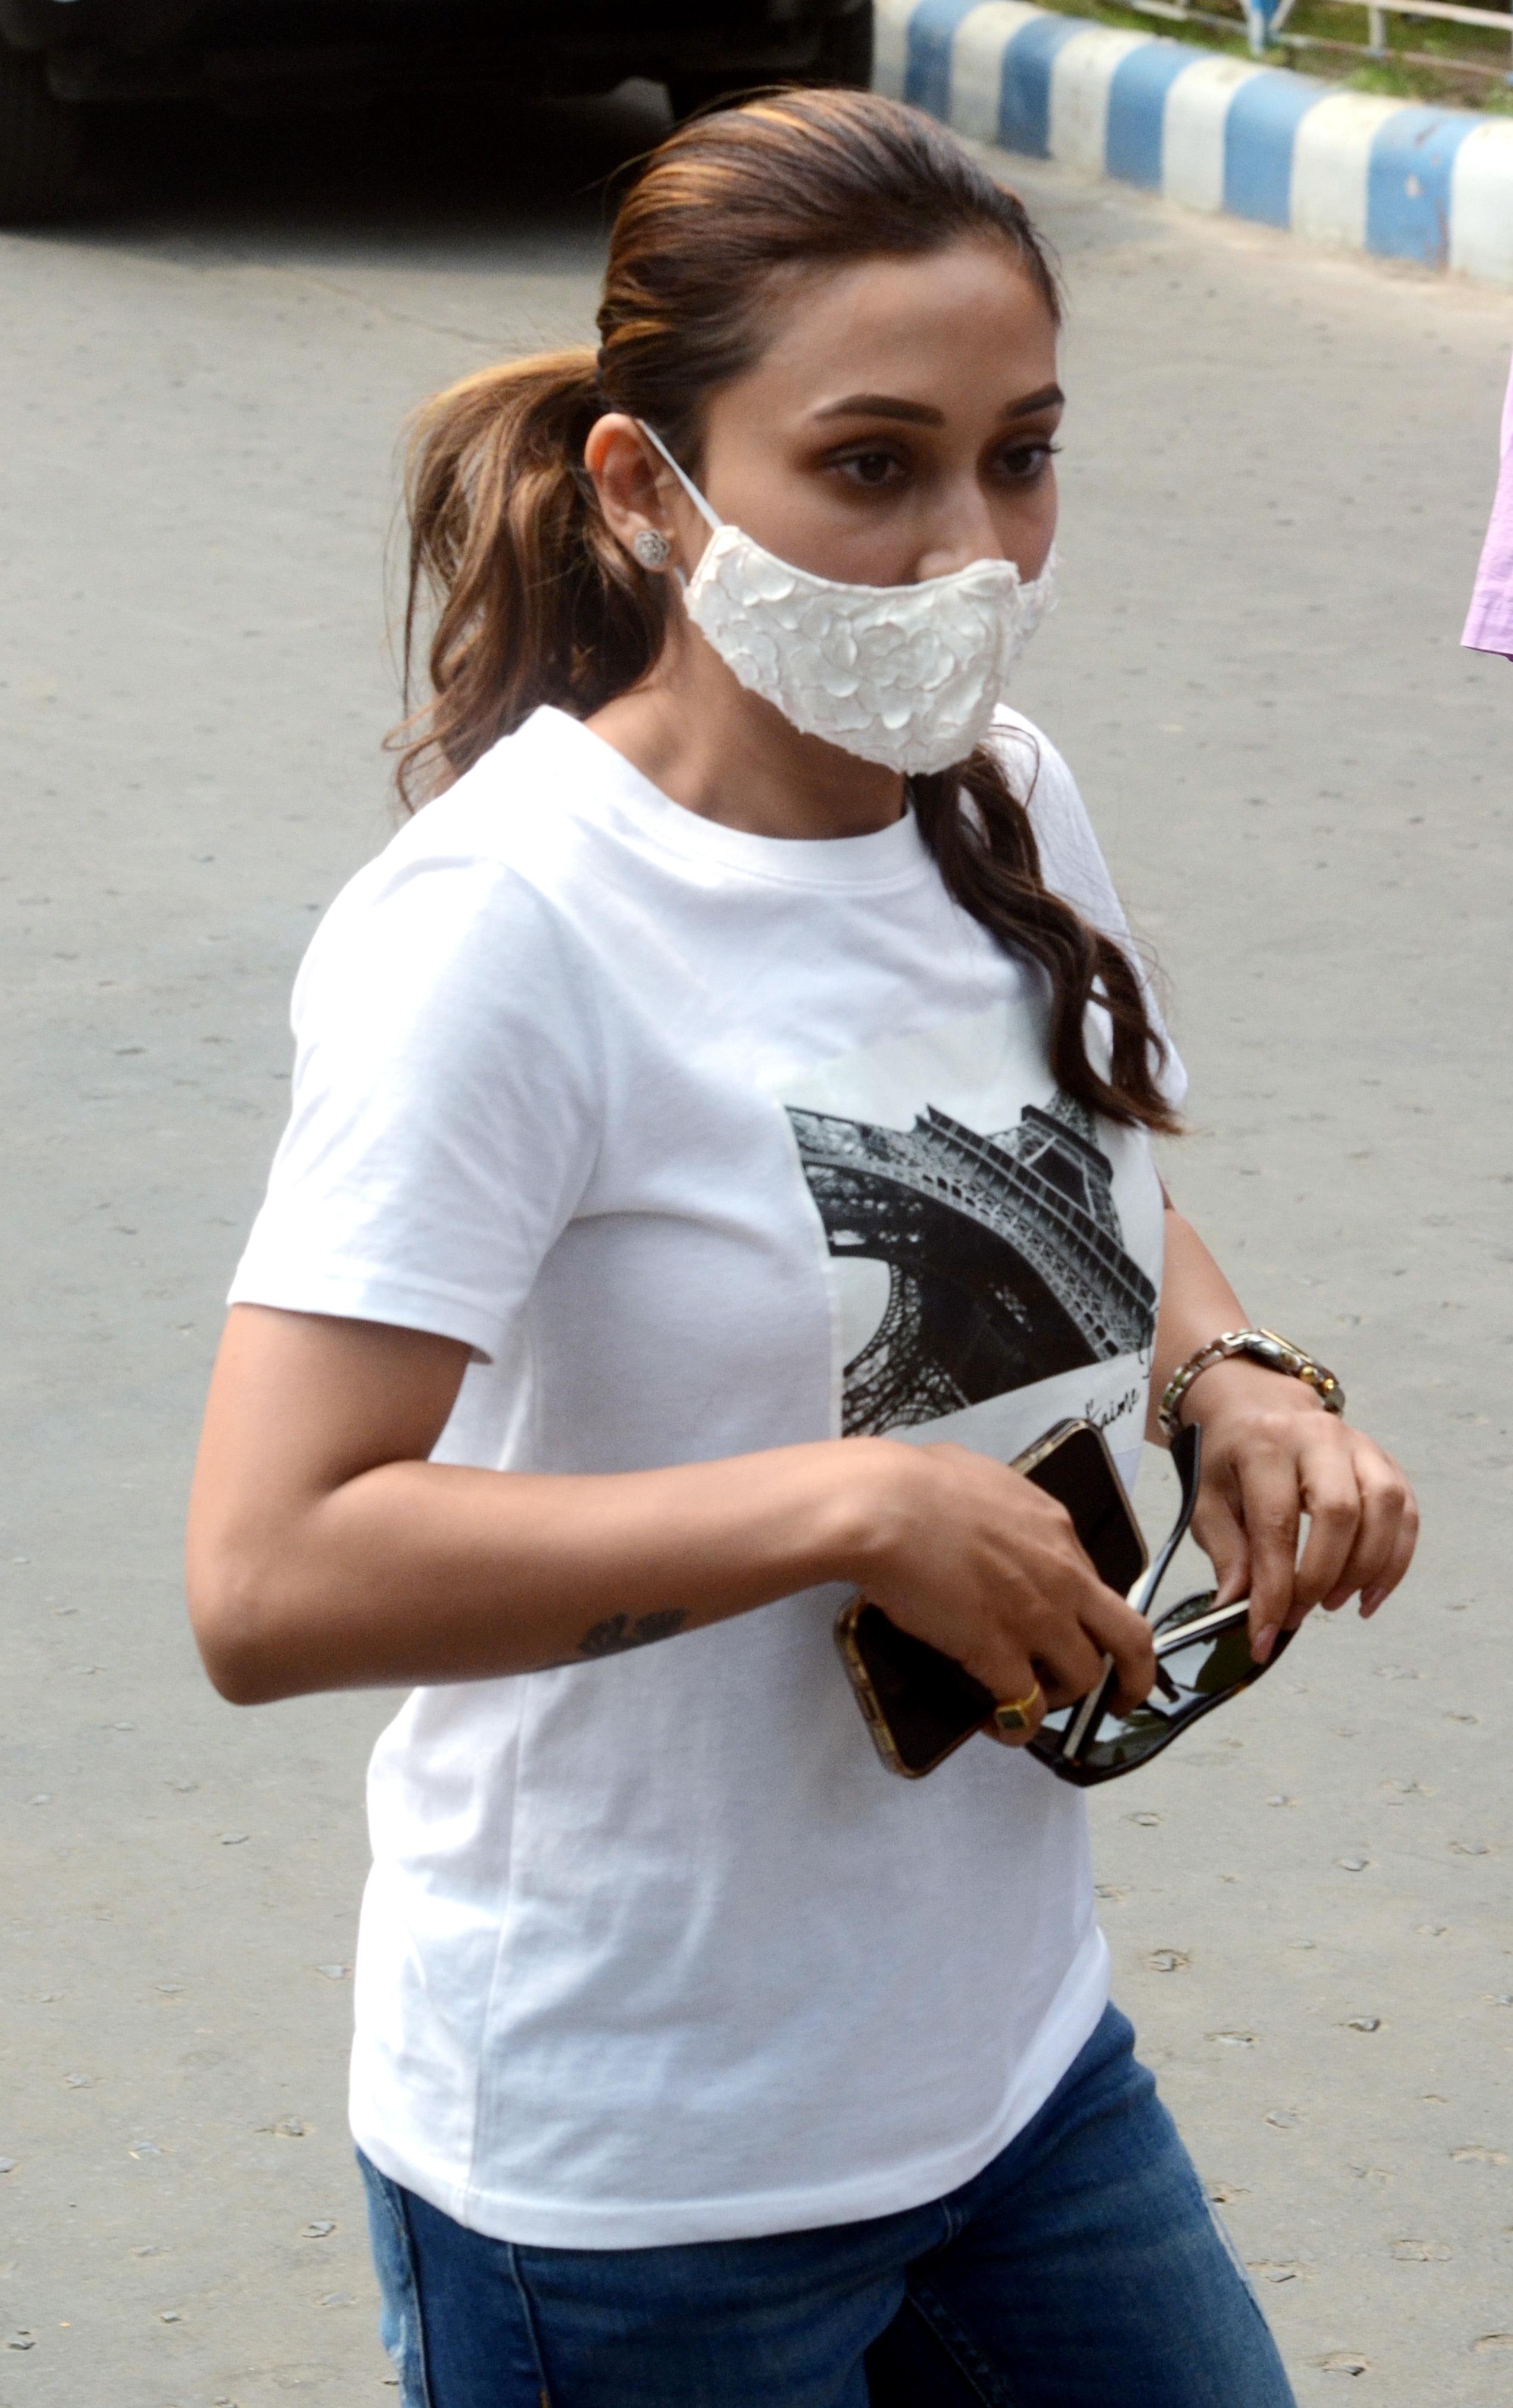 হাসপাতাল ছেড়ে বেরিয়ে যাওয়ার মুহূর্তে মিমি। (ANI Photo)